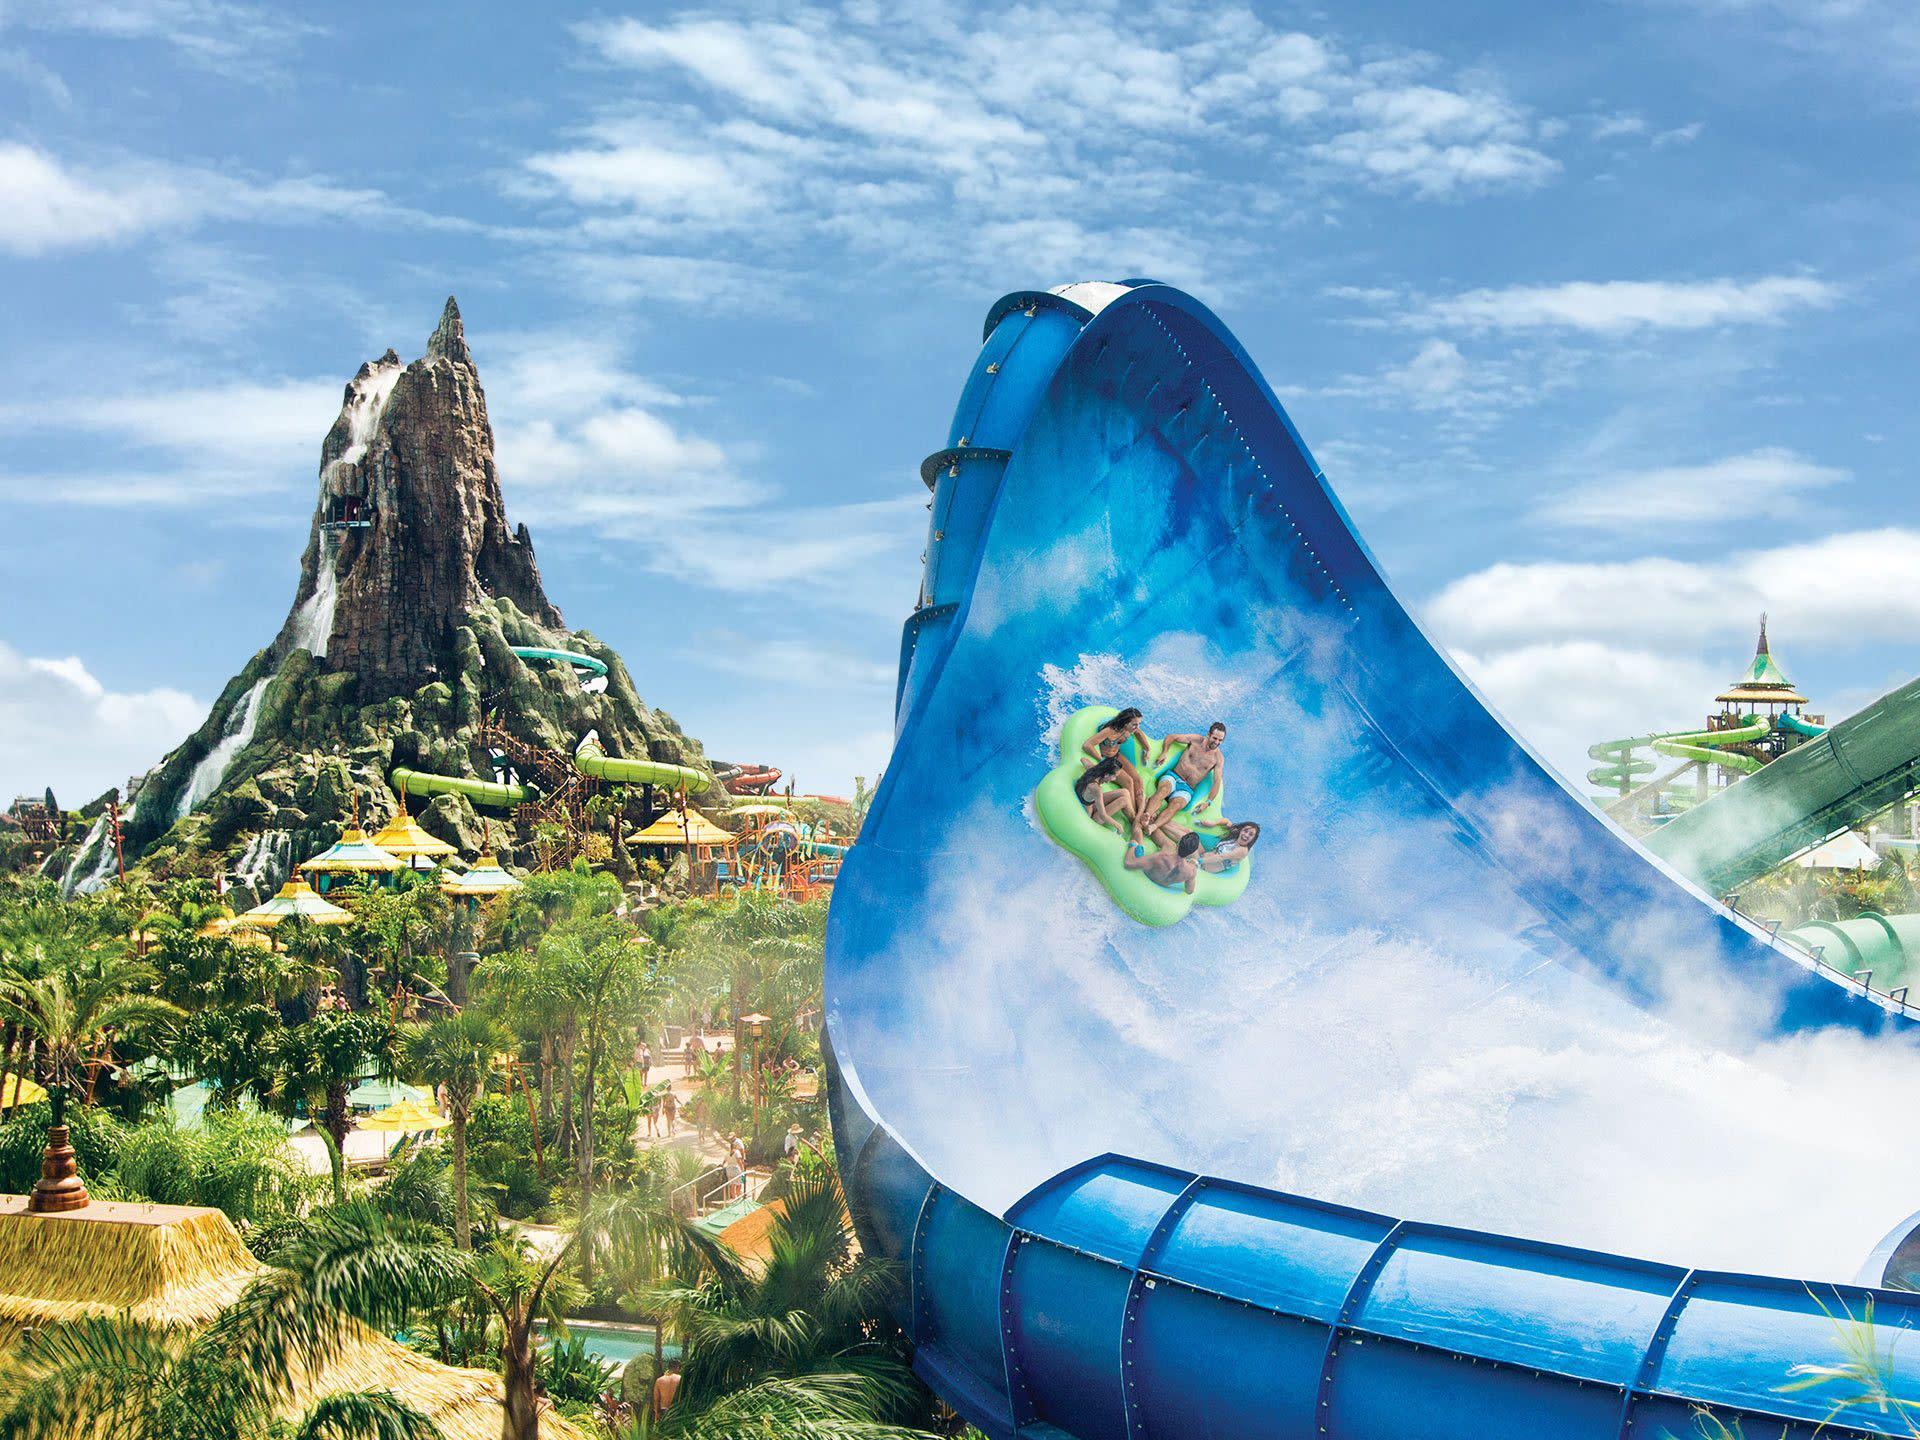 Universal's Volcano Bay Water Theme Park at Universal Orlando Resort